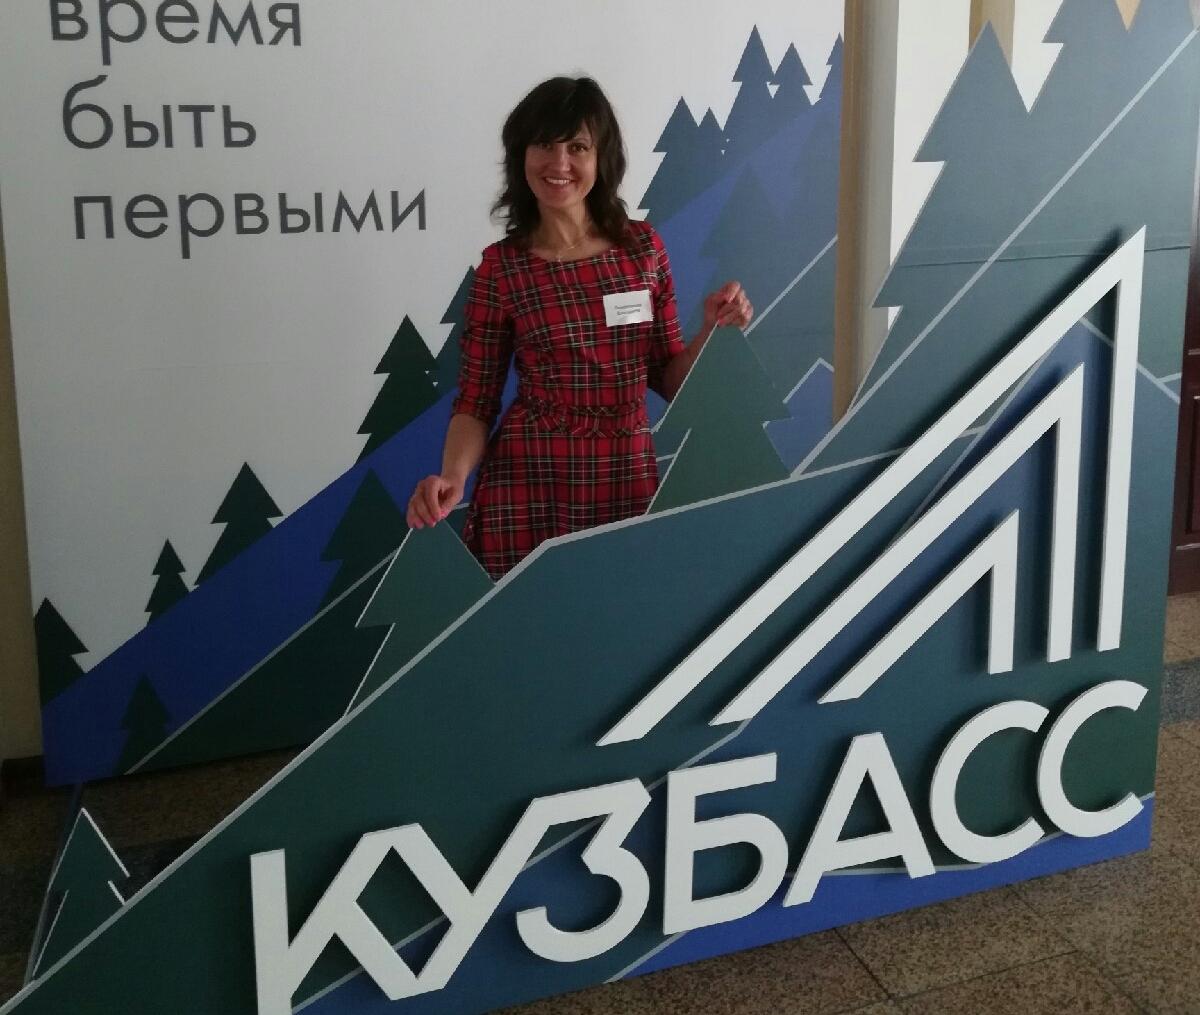 Кемеровские аквайс-спортсмены рассказали, что думают о «пивном законе»